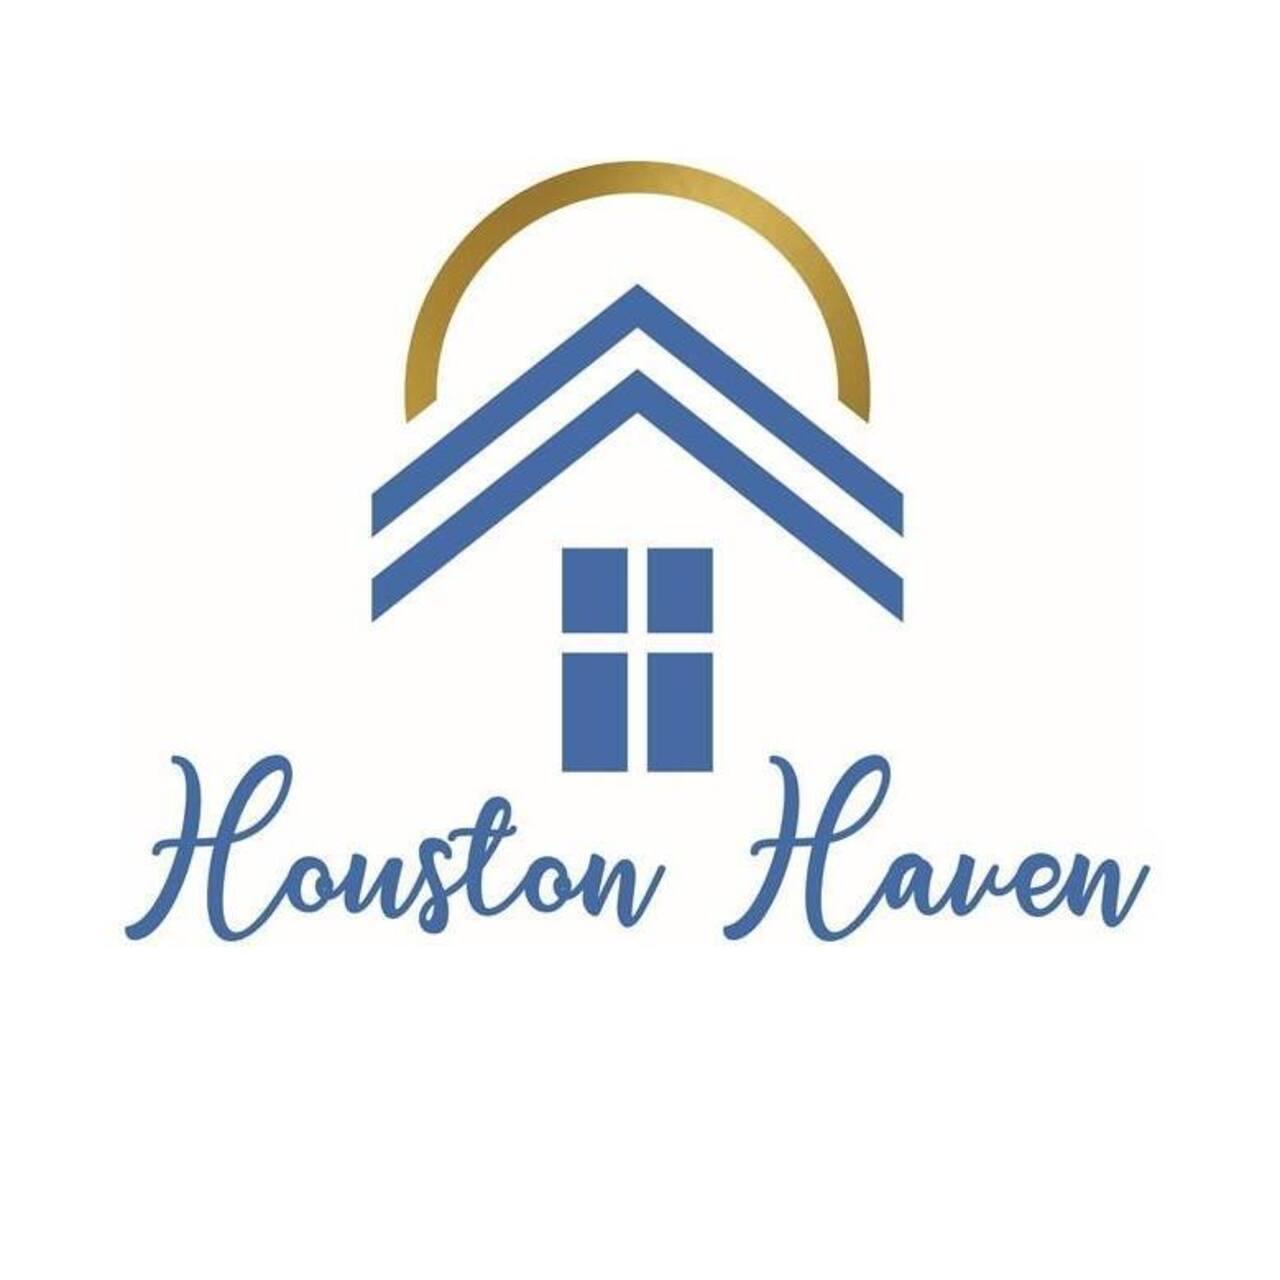 IICF Houston: Houston Haven